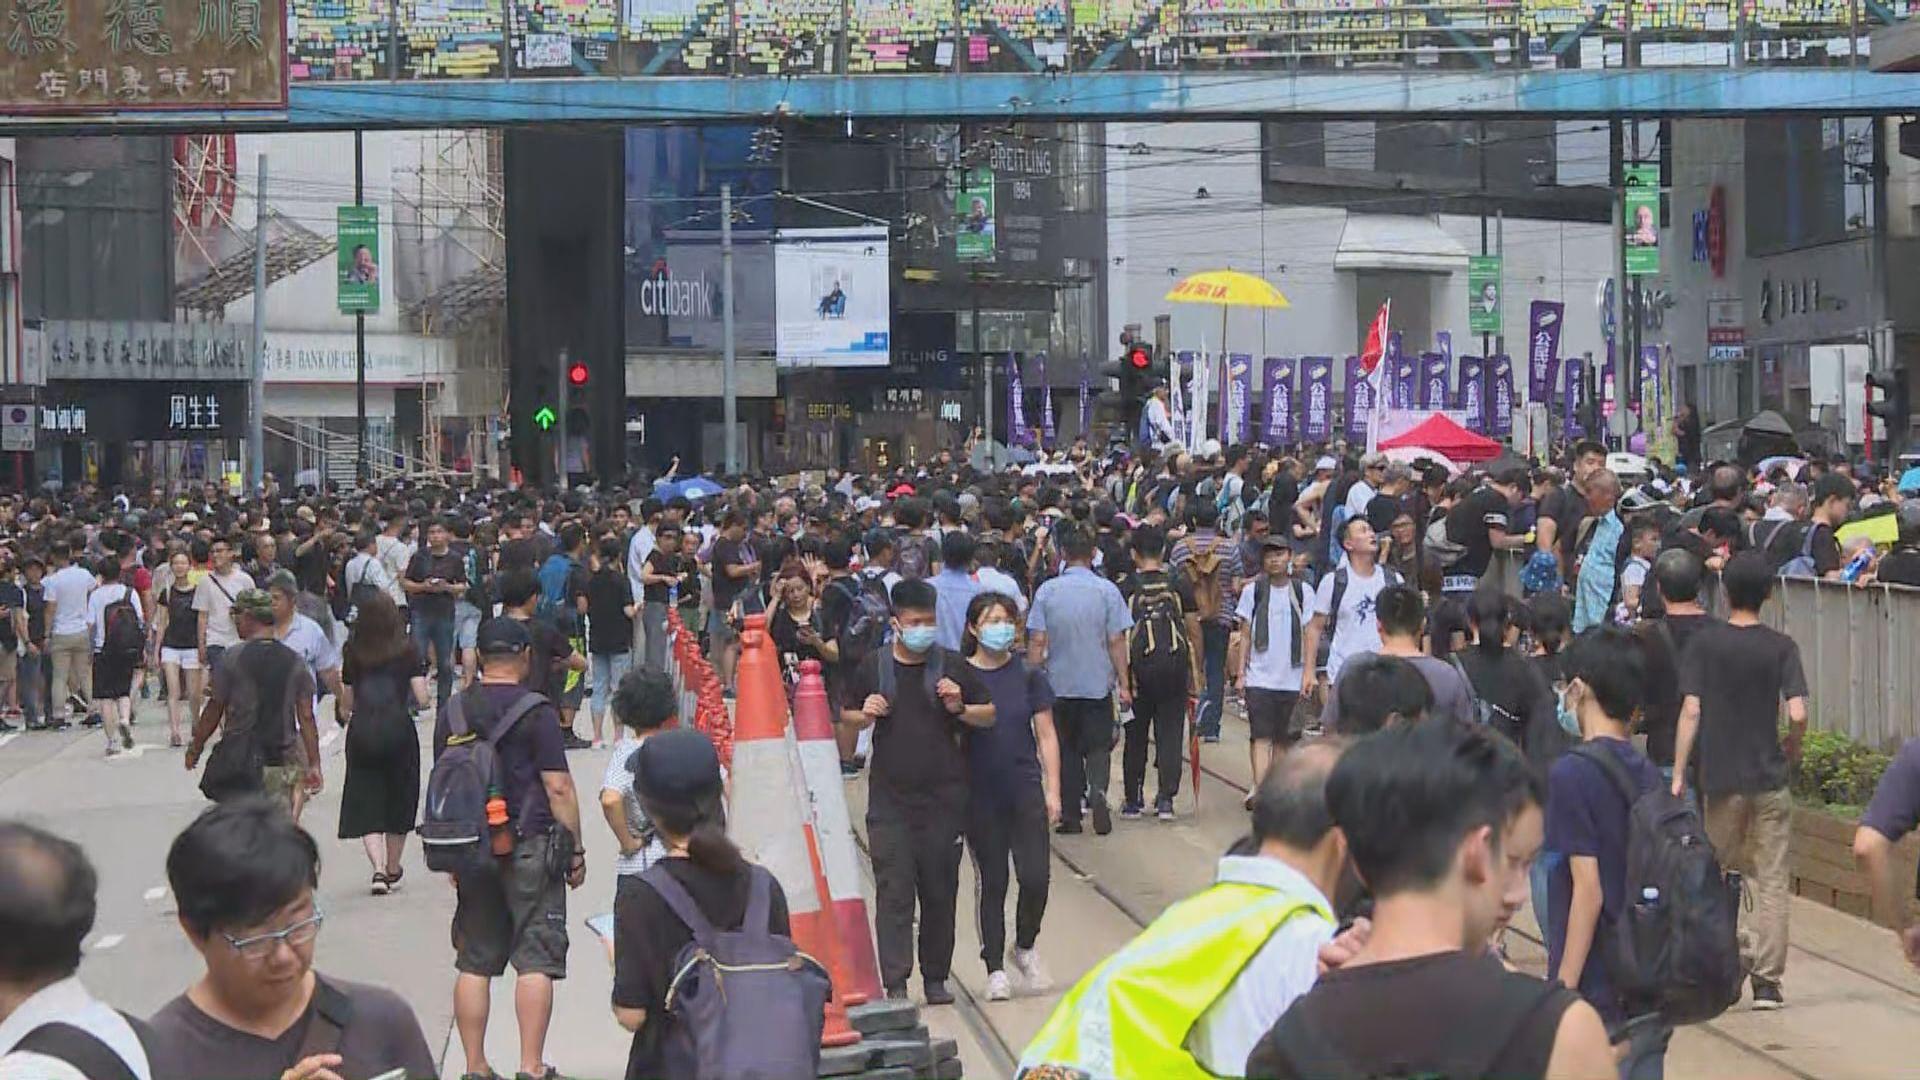 【民陣遊行】遊行隊伍出發 大批市民在中途插隊